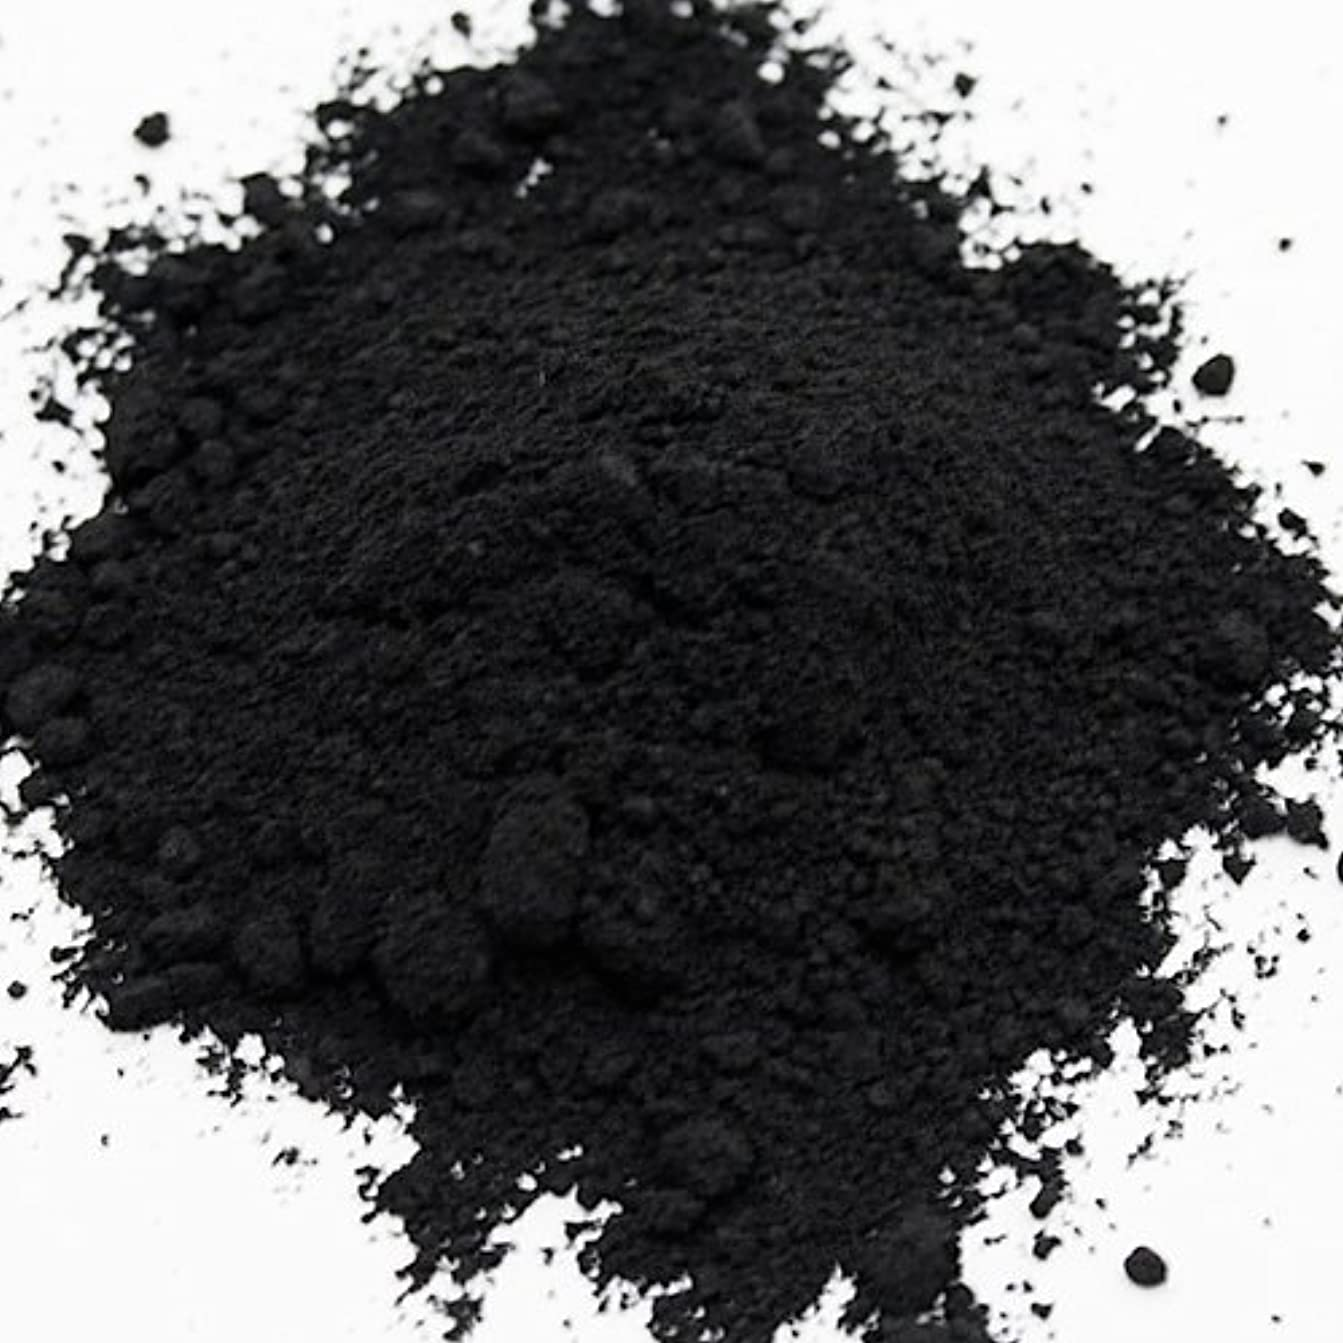 連邦明らかクローン酸化鉄 ブラック 5g 【手作り石鹸/手作りコスメ/色付け/カラーラント/黒】